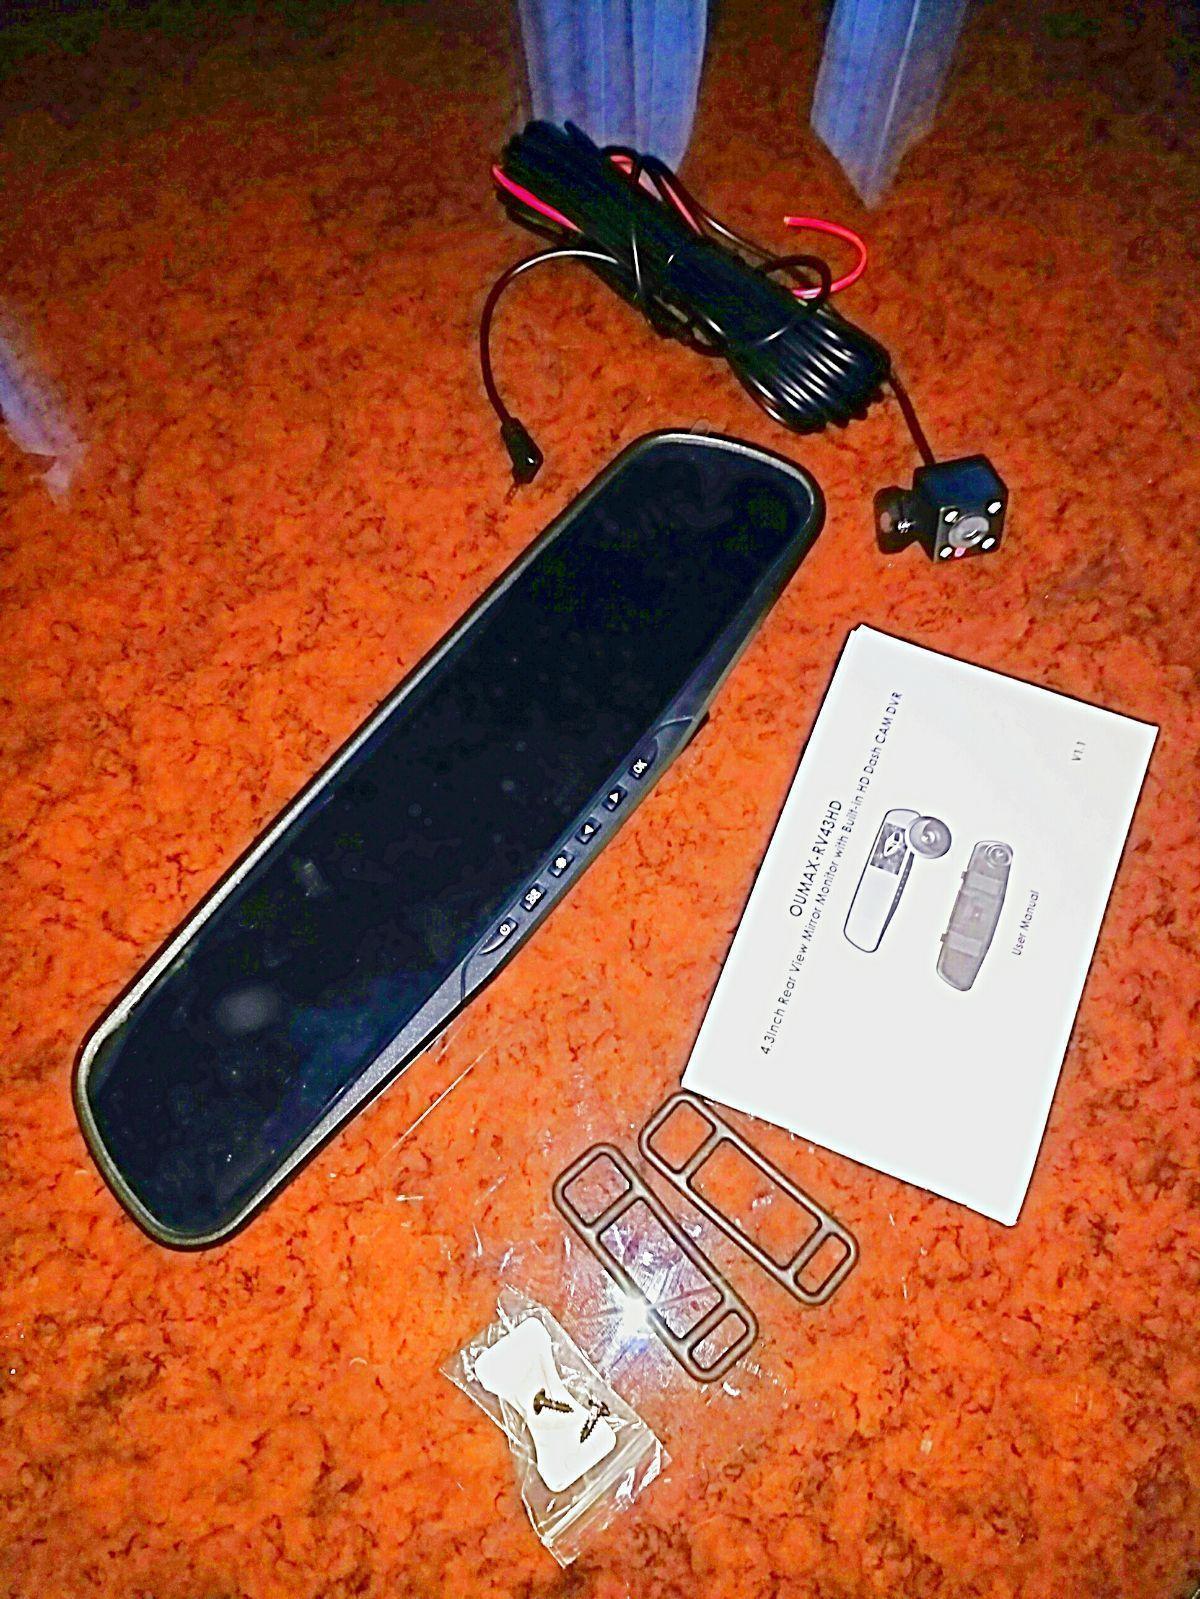 LCD Dash Cam Rear View Mirror